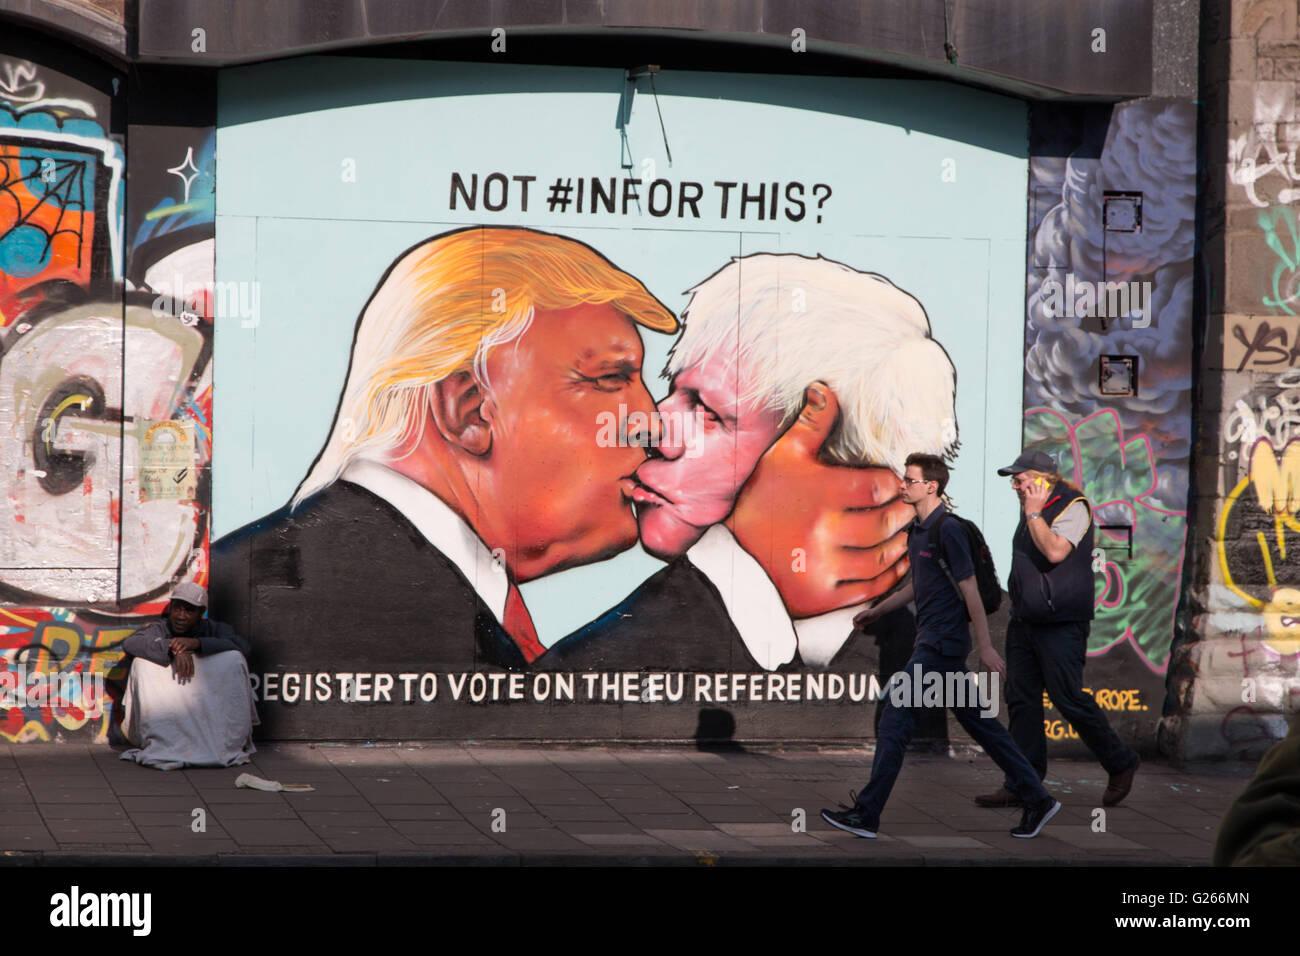 Satirisch Straßenkunst zeigt Donald Trump küssen Boris Johnson, um Menschen in 2016 EU-Referendum abstimmen zu fördern. Stockfoto